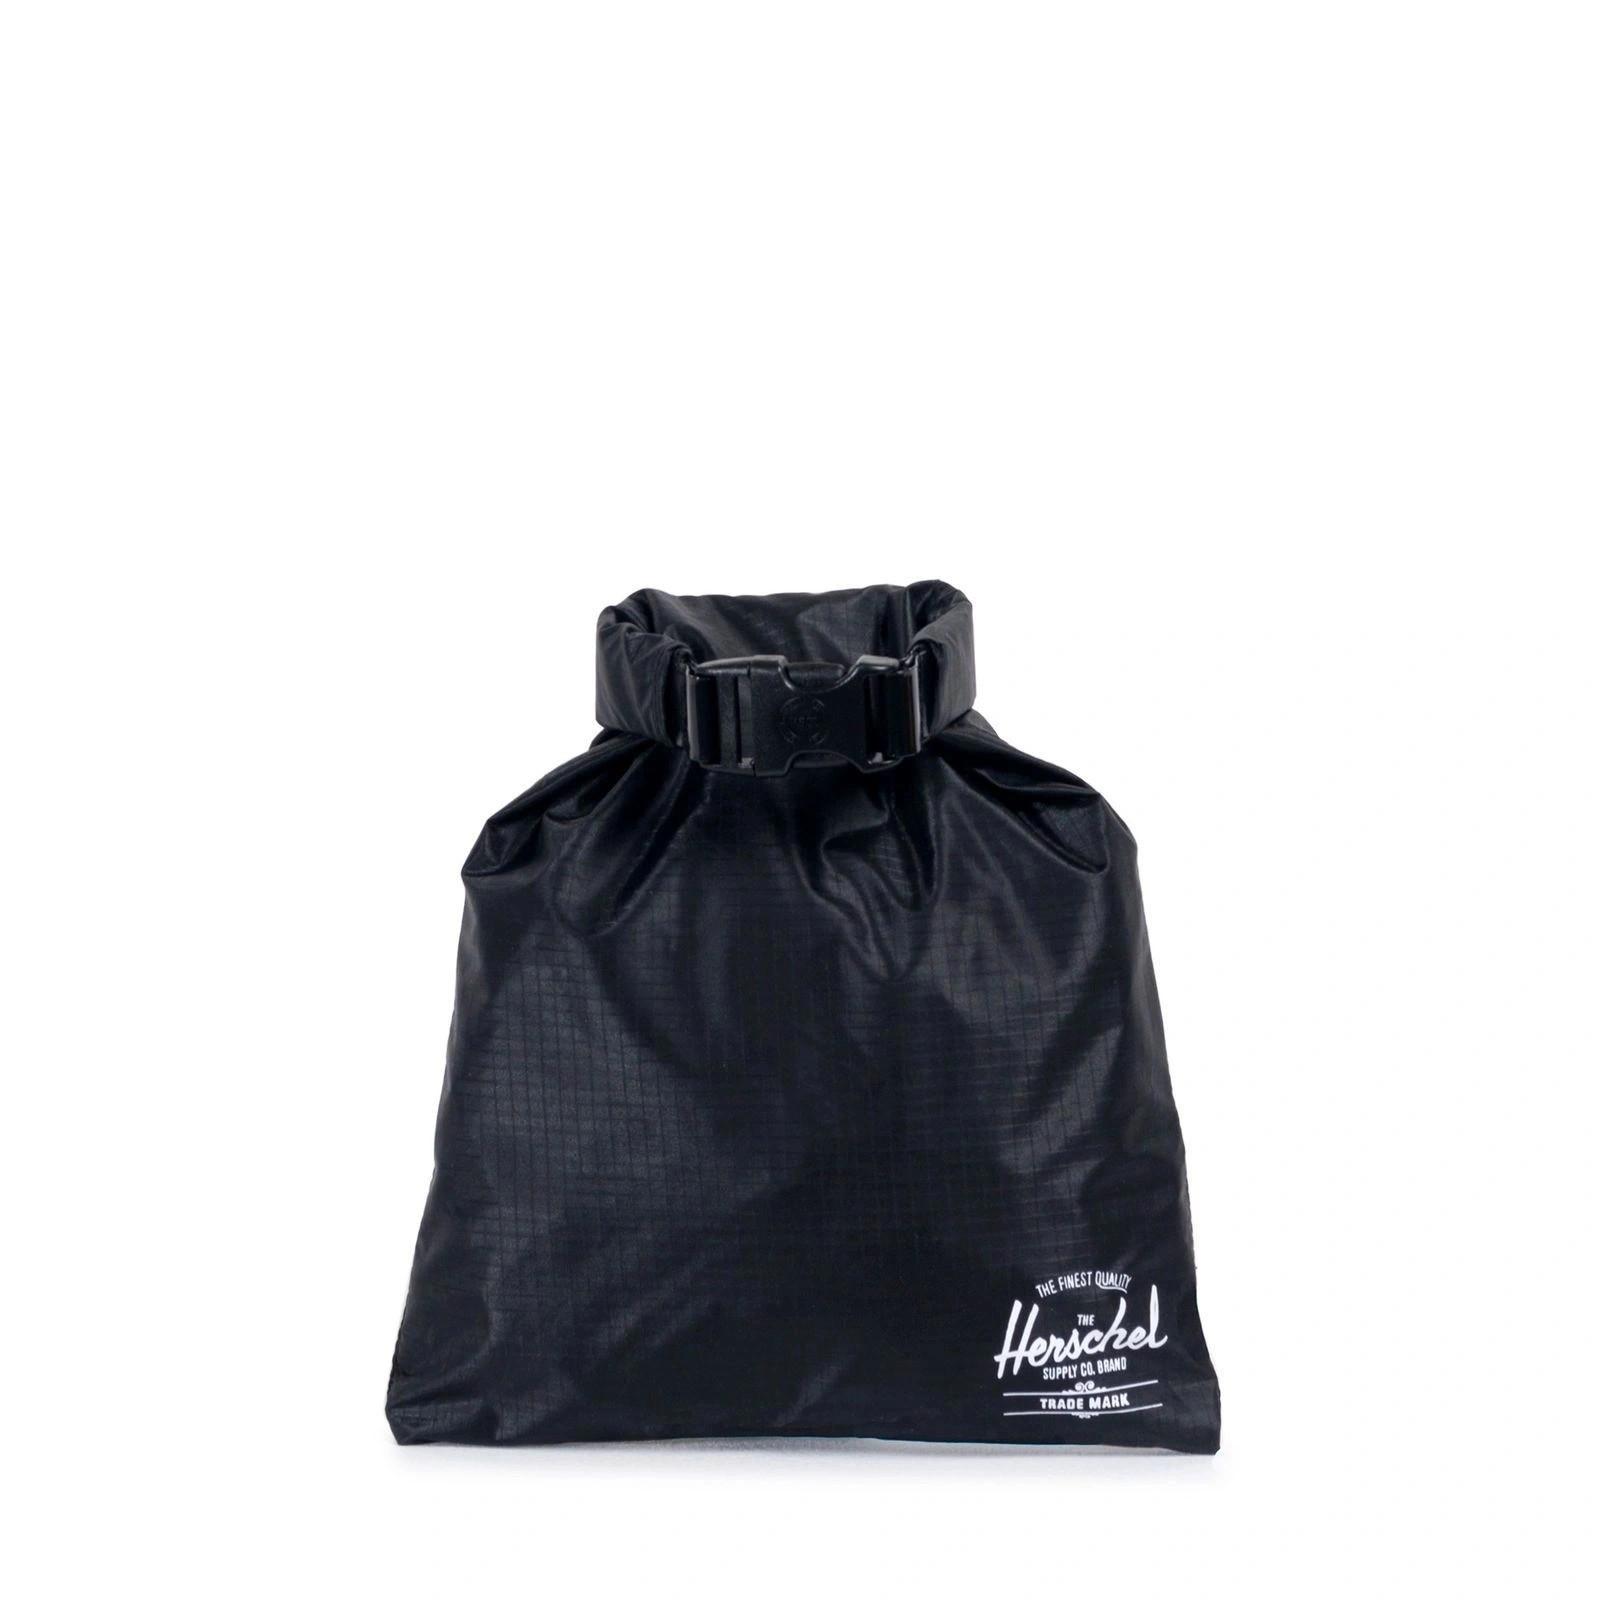 Herschel Herschel Dry Bag Black